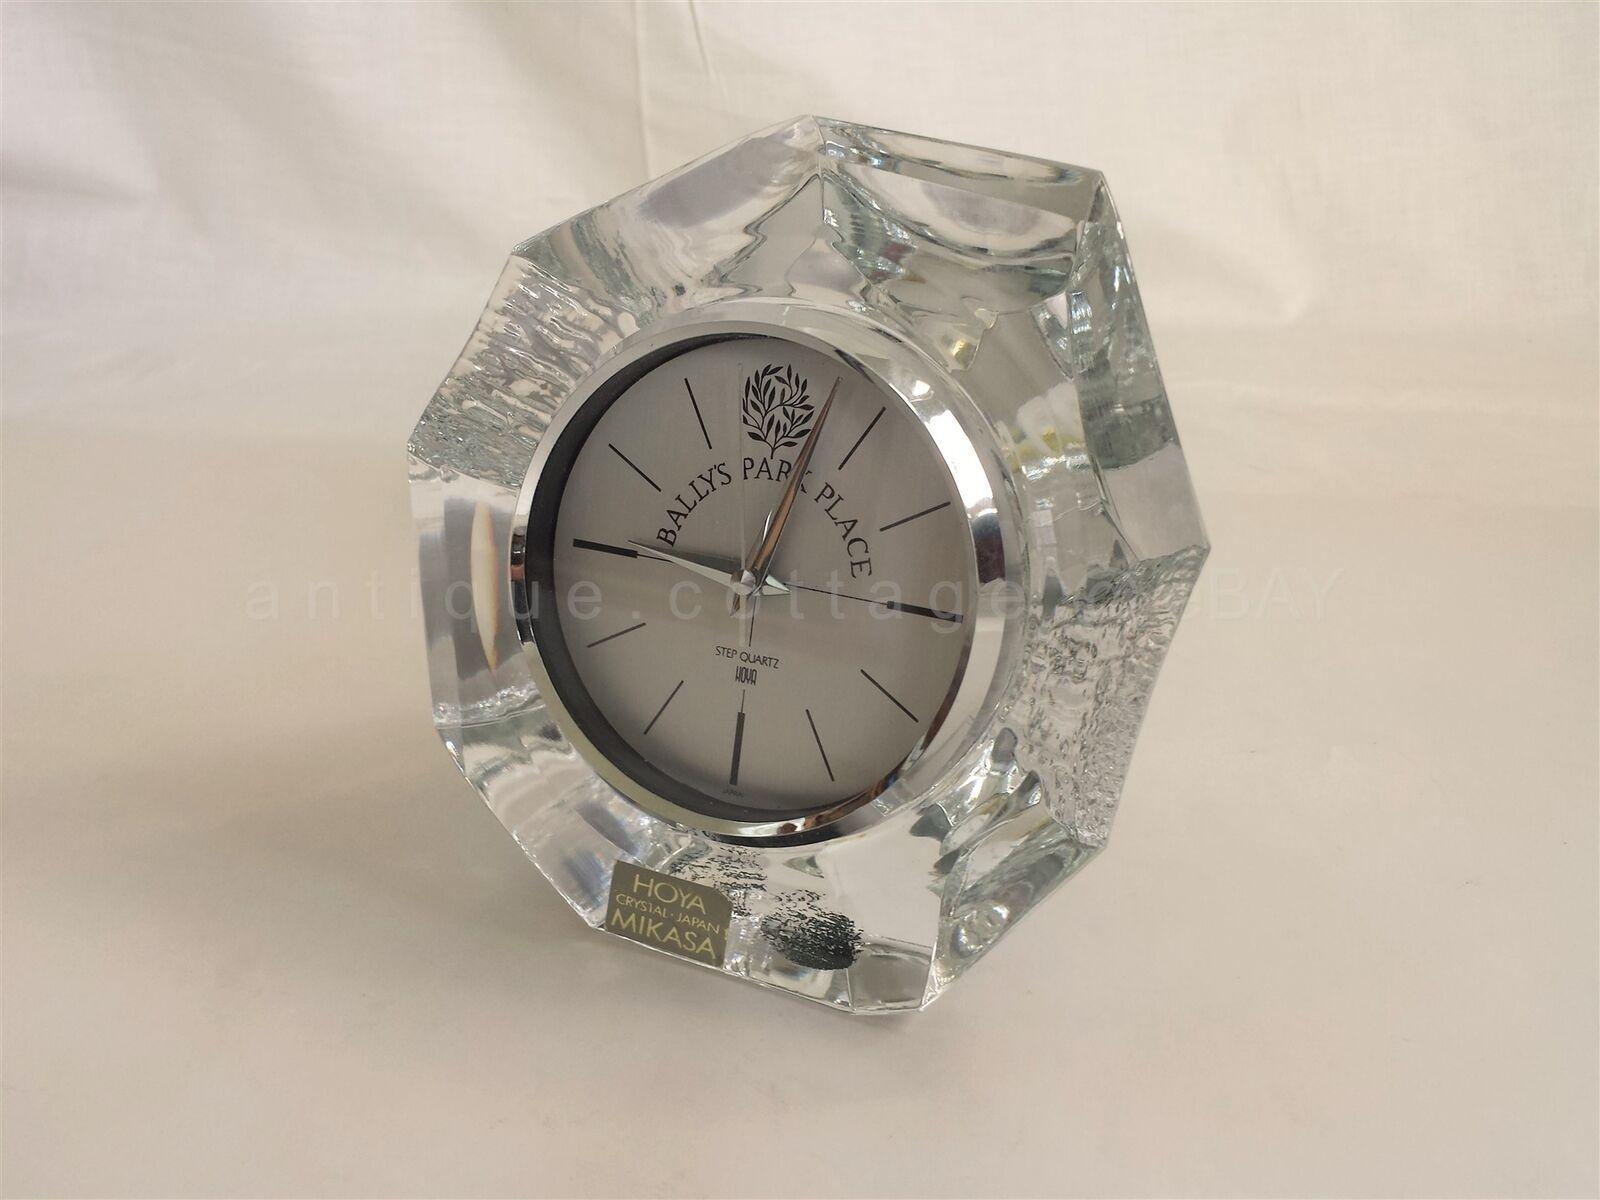 MIKASA HOYA CRYSTAL japan BALLY'S PARK PLACE step quartz CLOCK mantel